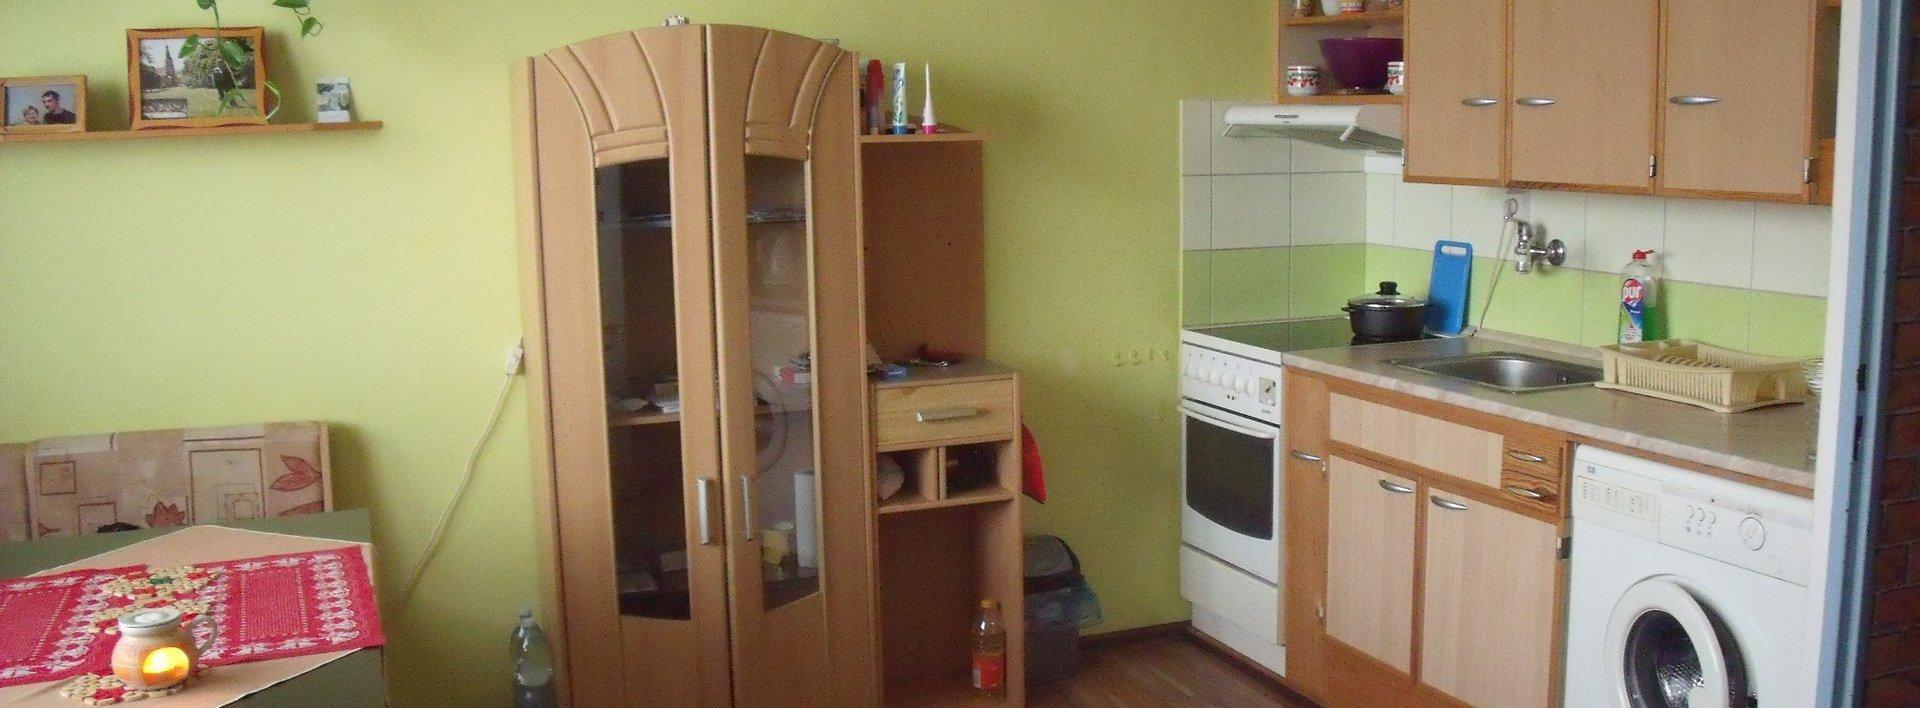 Prodej útulného, slunného bytu 1+1 v Liberci, ul. Gagarinova, Ev.č.: N47936